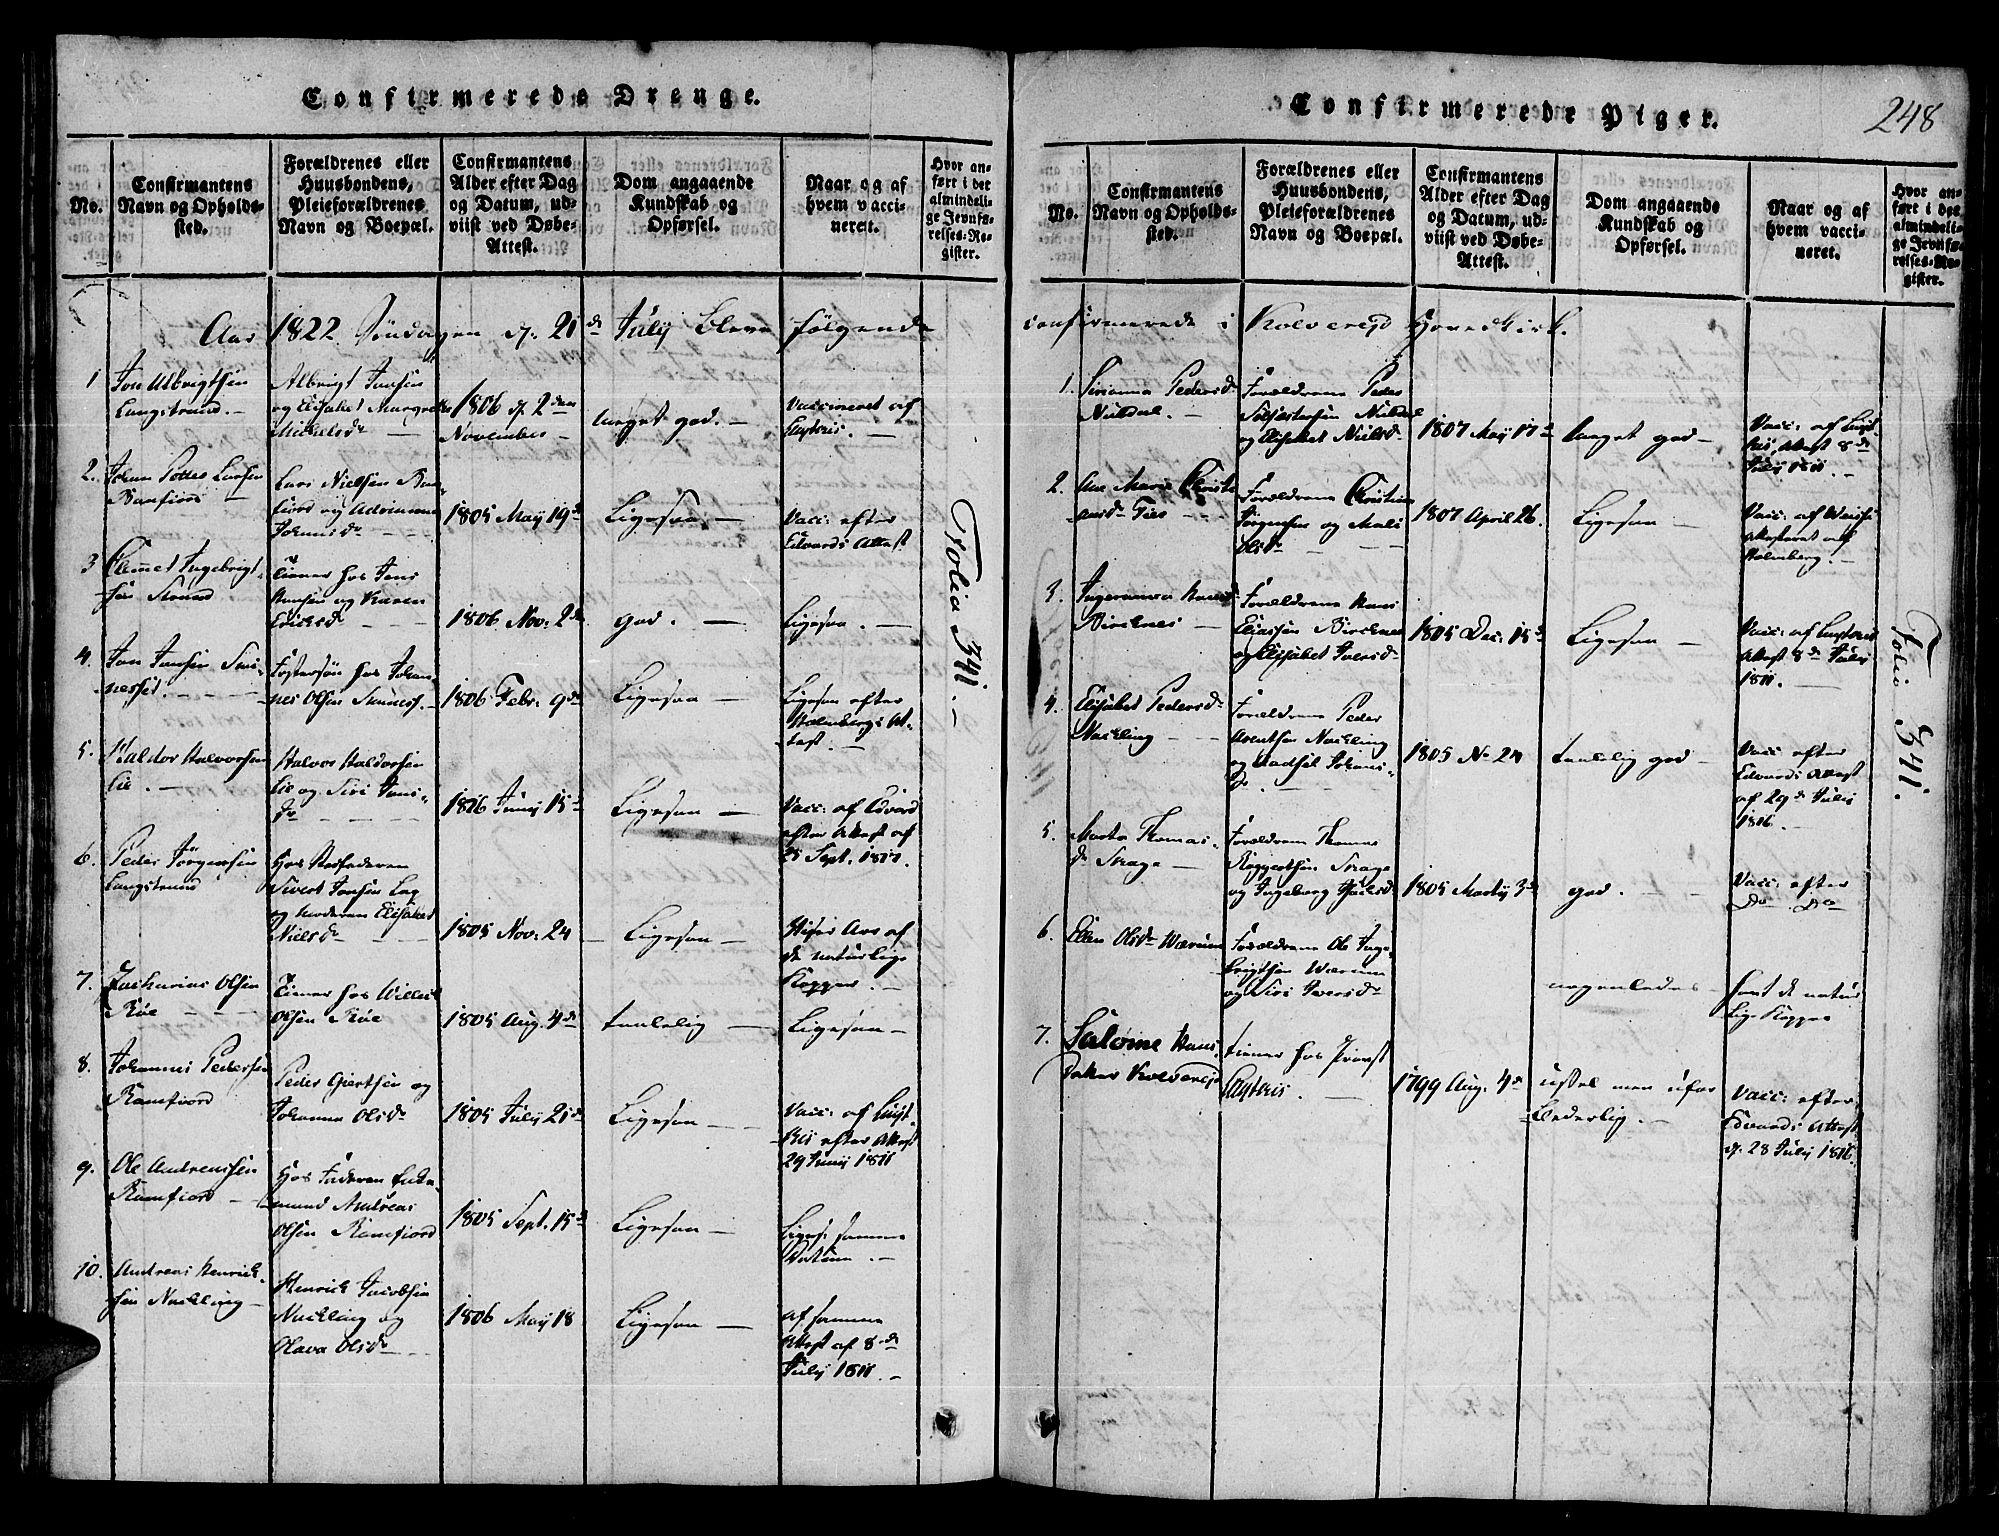 SAT, Ministerialprotokoller, klokkerbøker og fødselsregistre - Nord-Trøndelag, 780/L0636: Ministerialbok nr. 780A03 /1, 1815-1830, s. 248